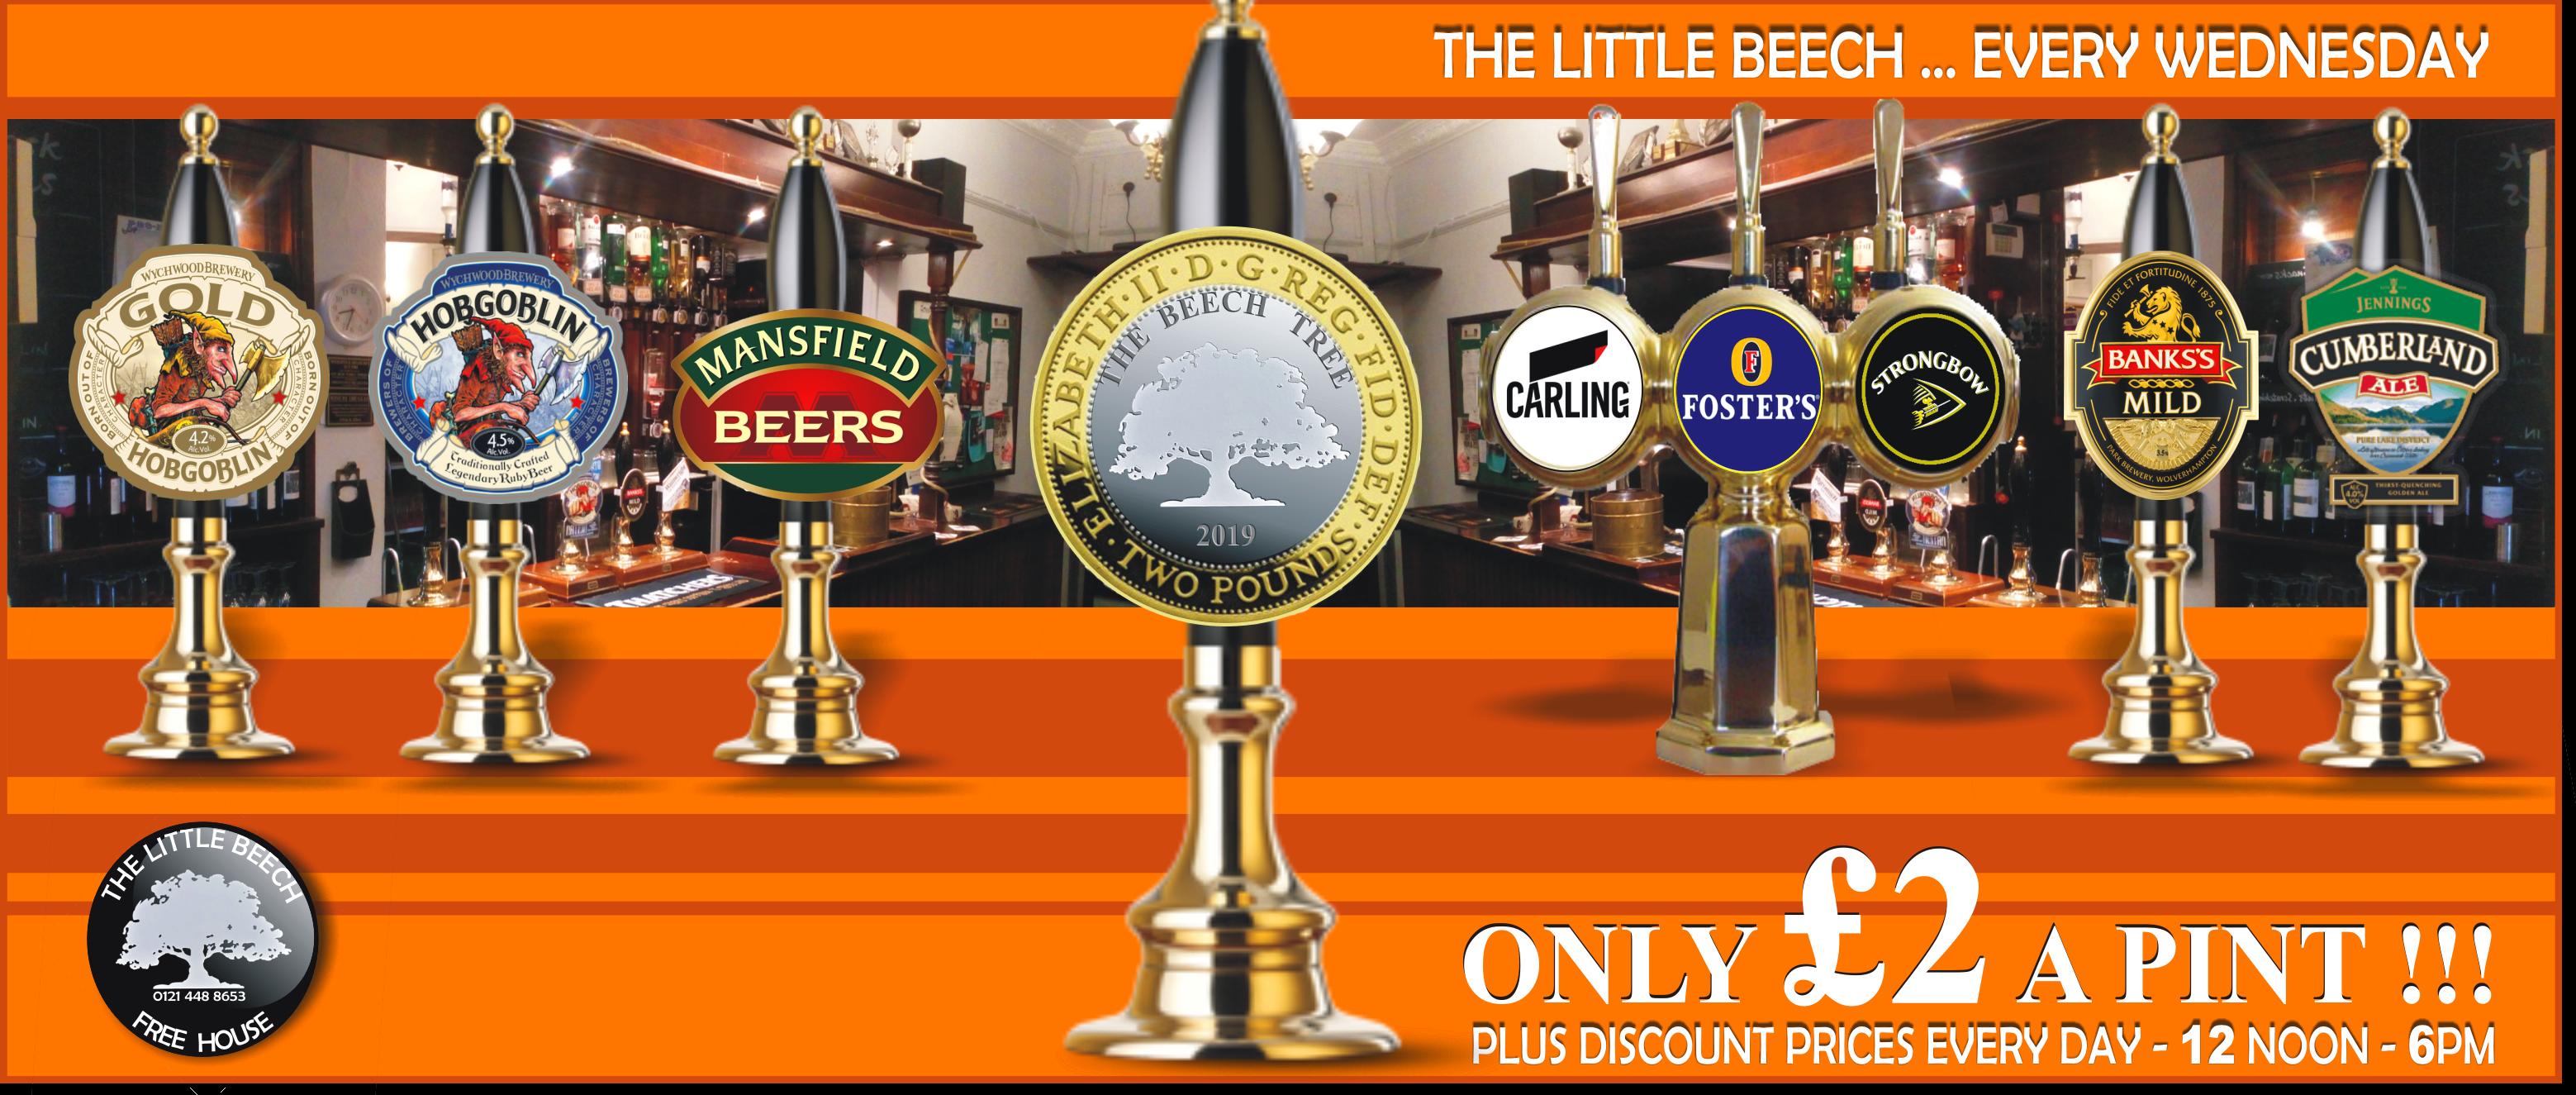 The-Little-Beech-Pub-Rowley-Regis-2 Pounds a Pint